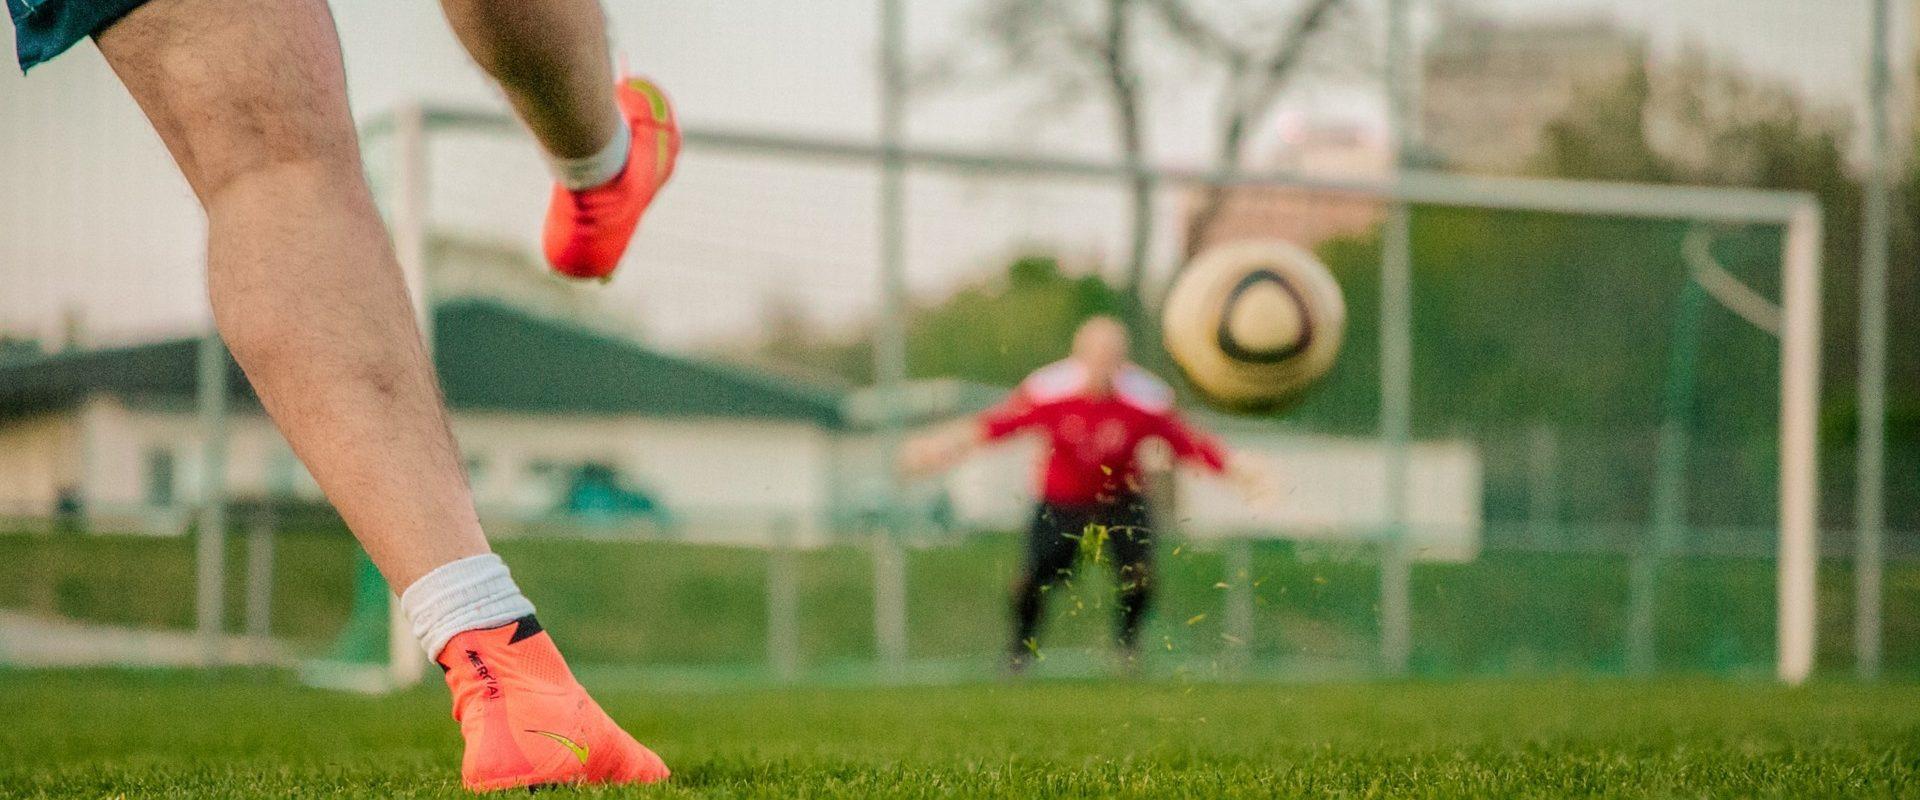 jugador chutando a portería de fútbol